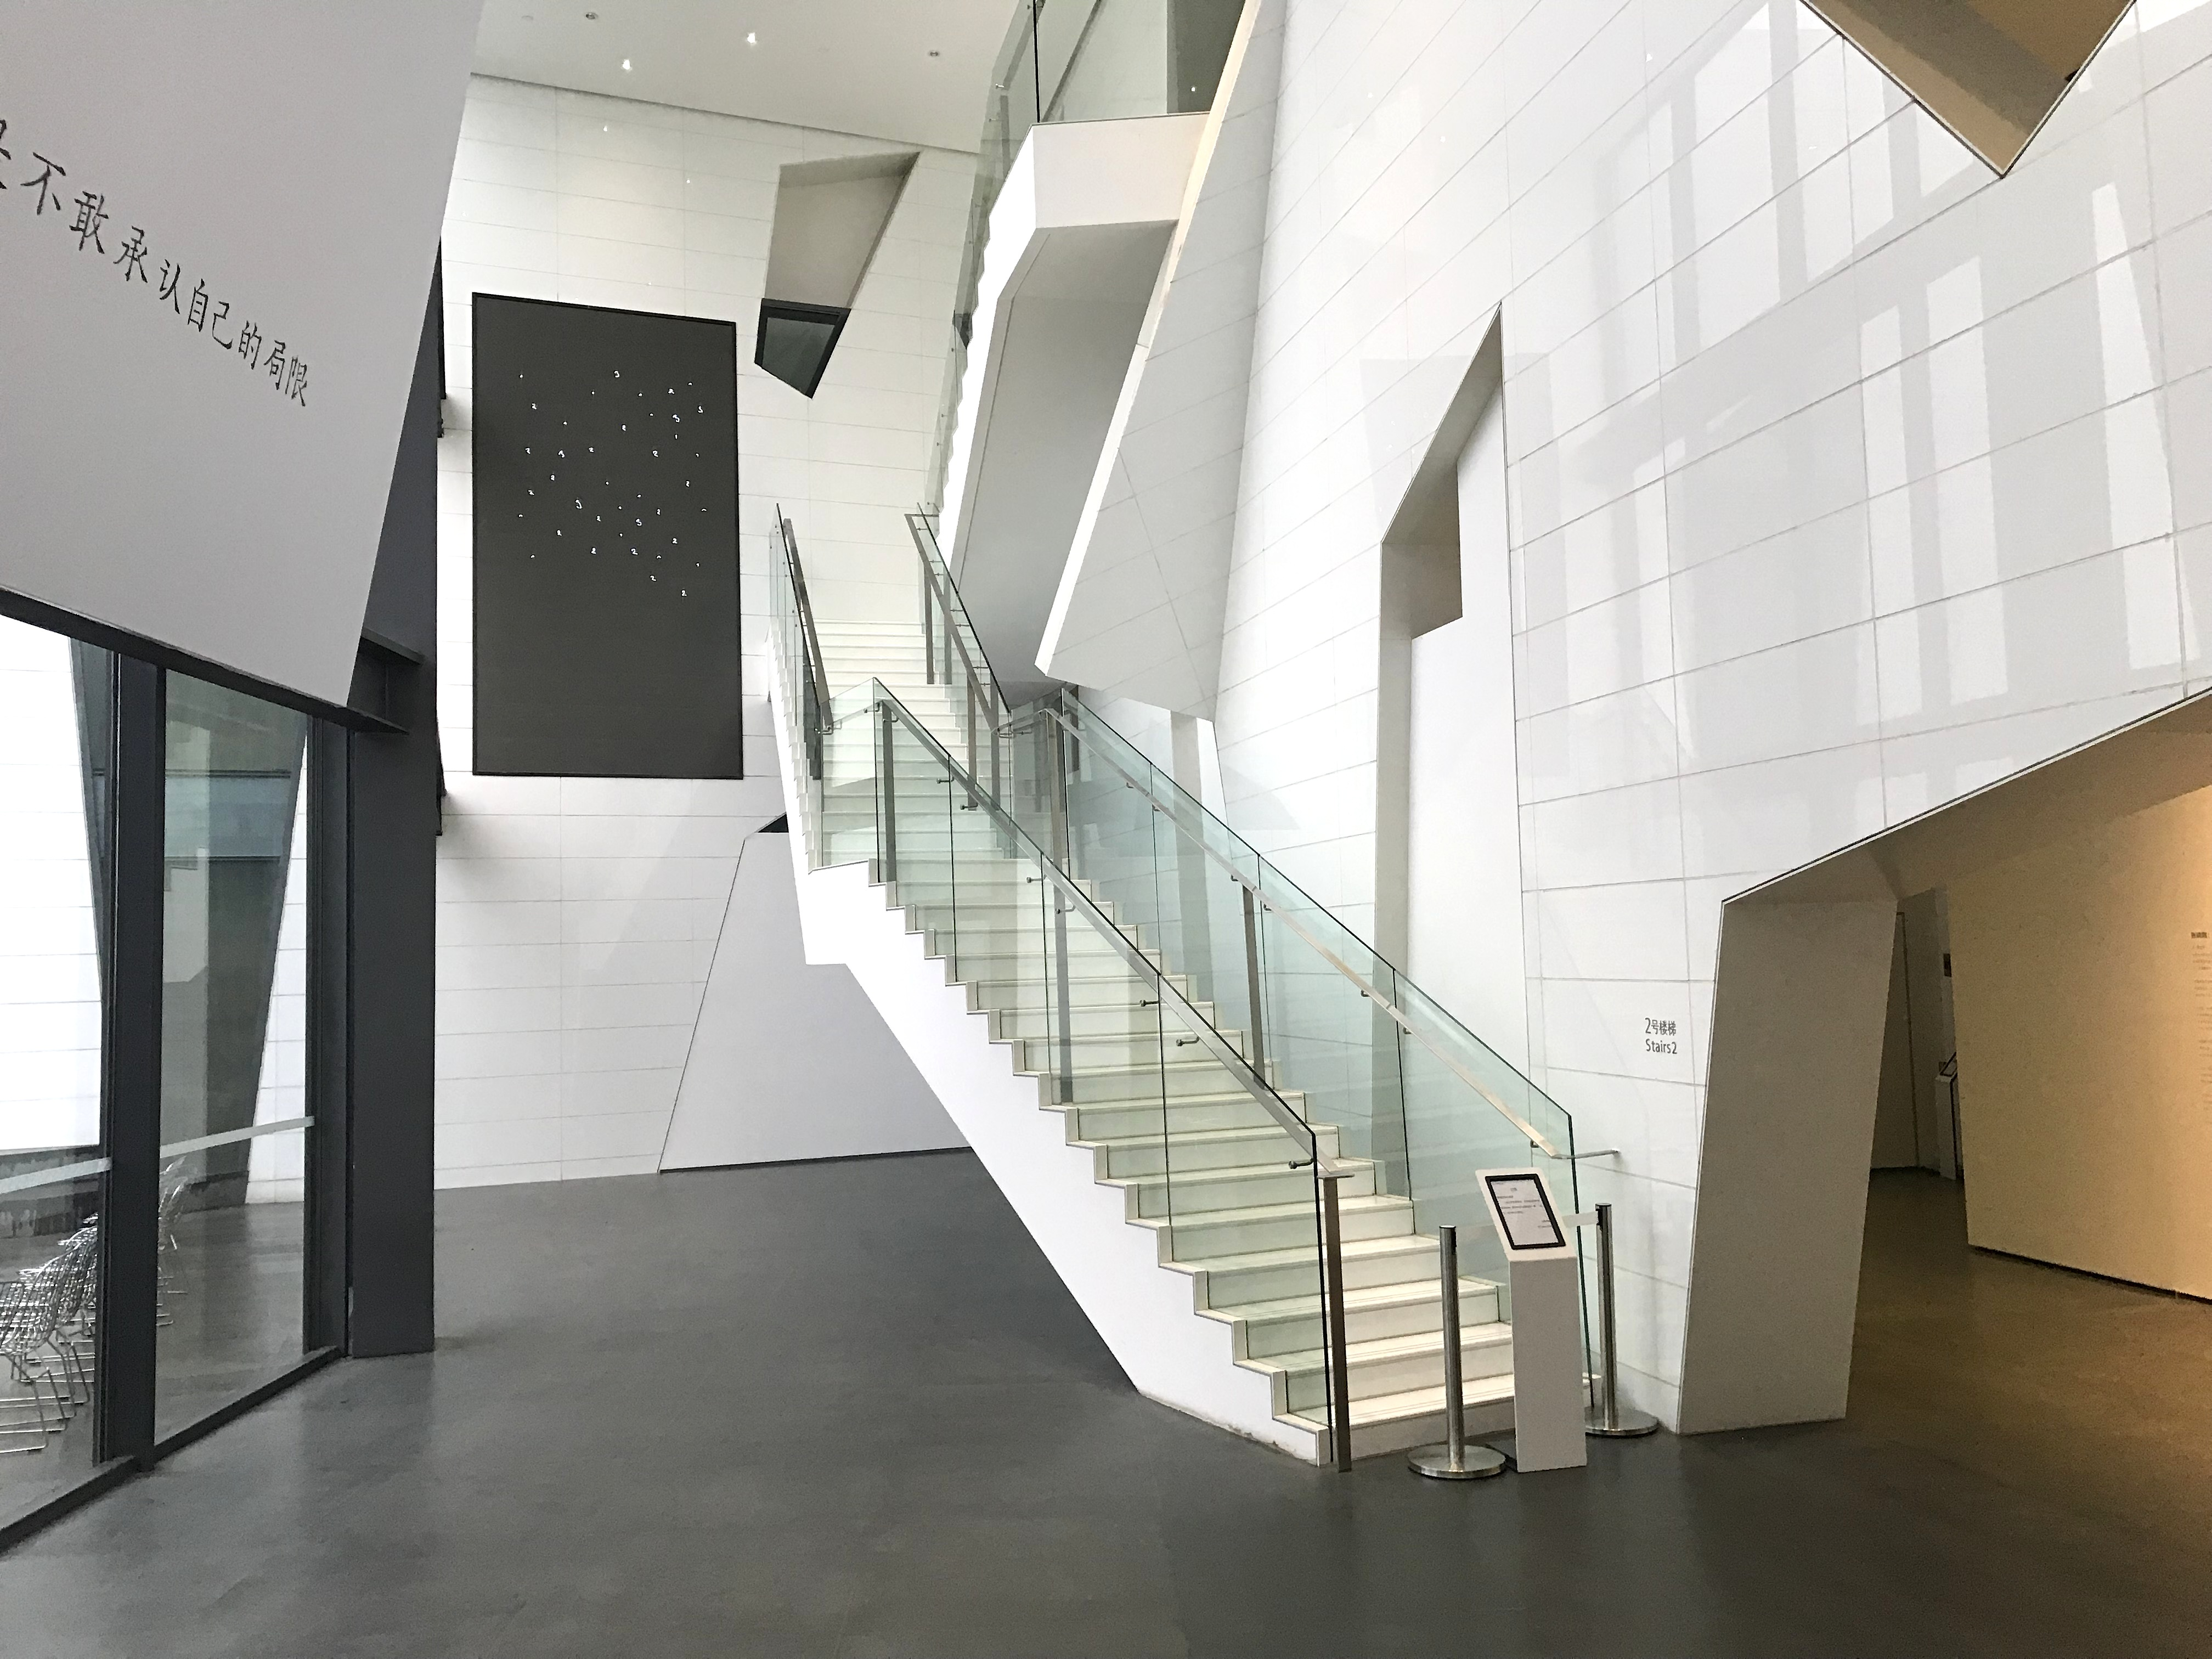 1/9 (1-3) Oleksiy Koval LED Video Wall Display United Art Museum, Wuhan